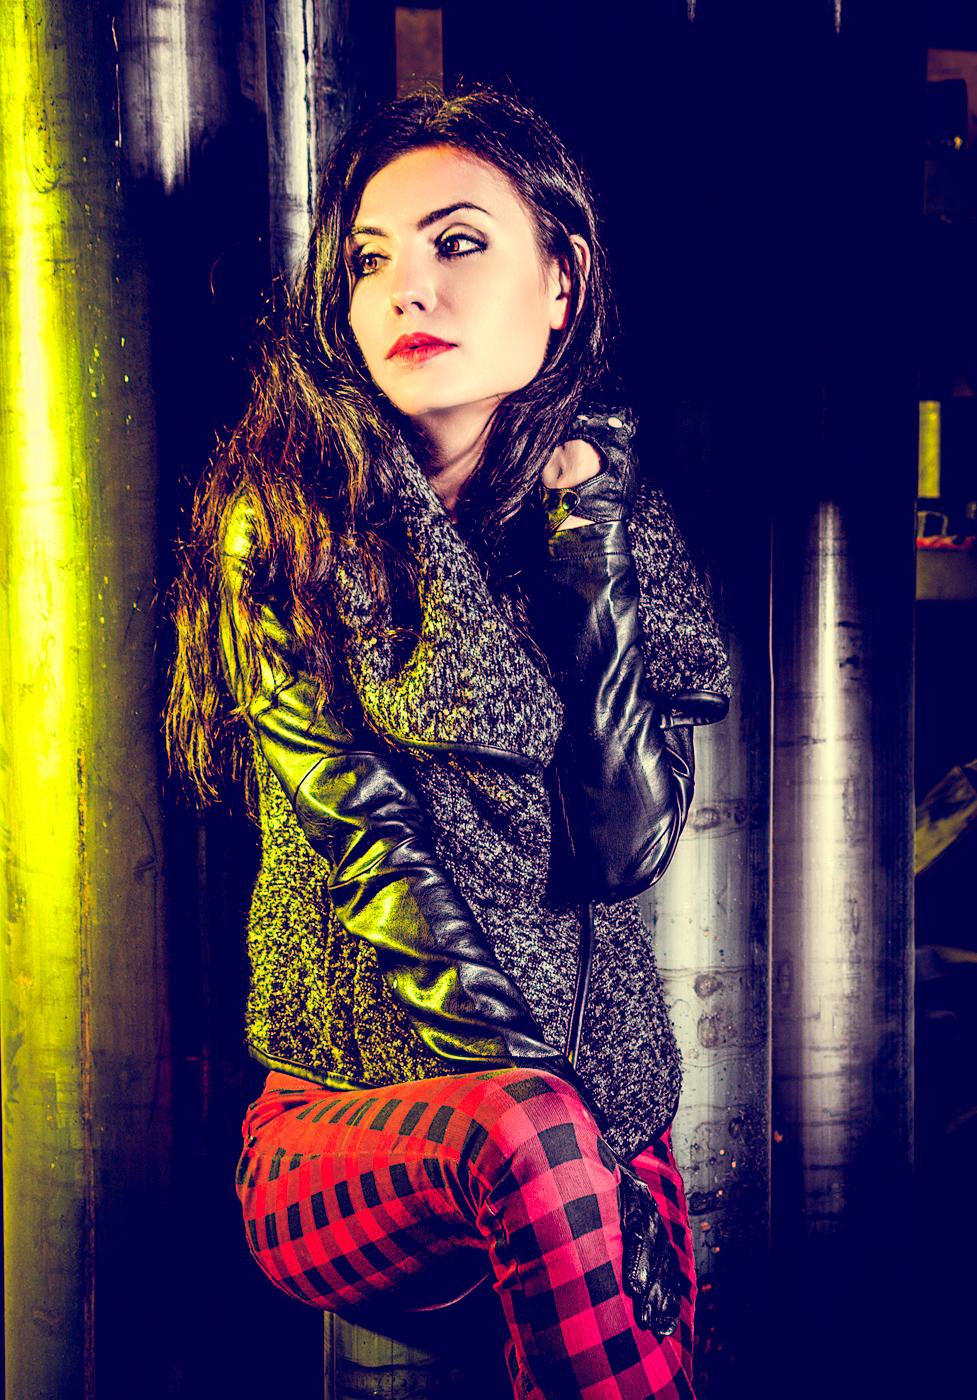 Ania - sesja zdjęciowa z fotomodelką